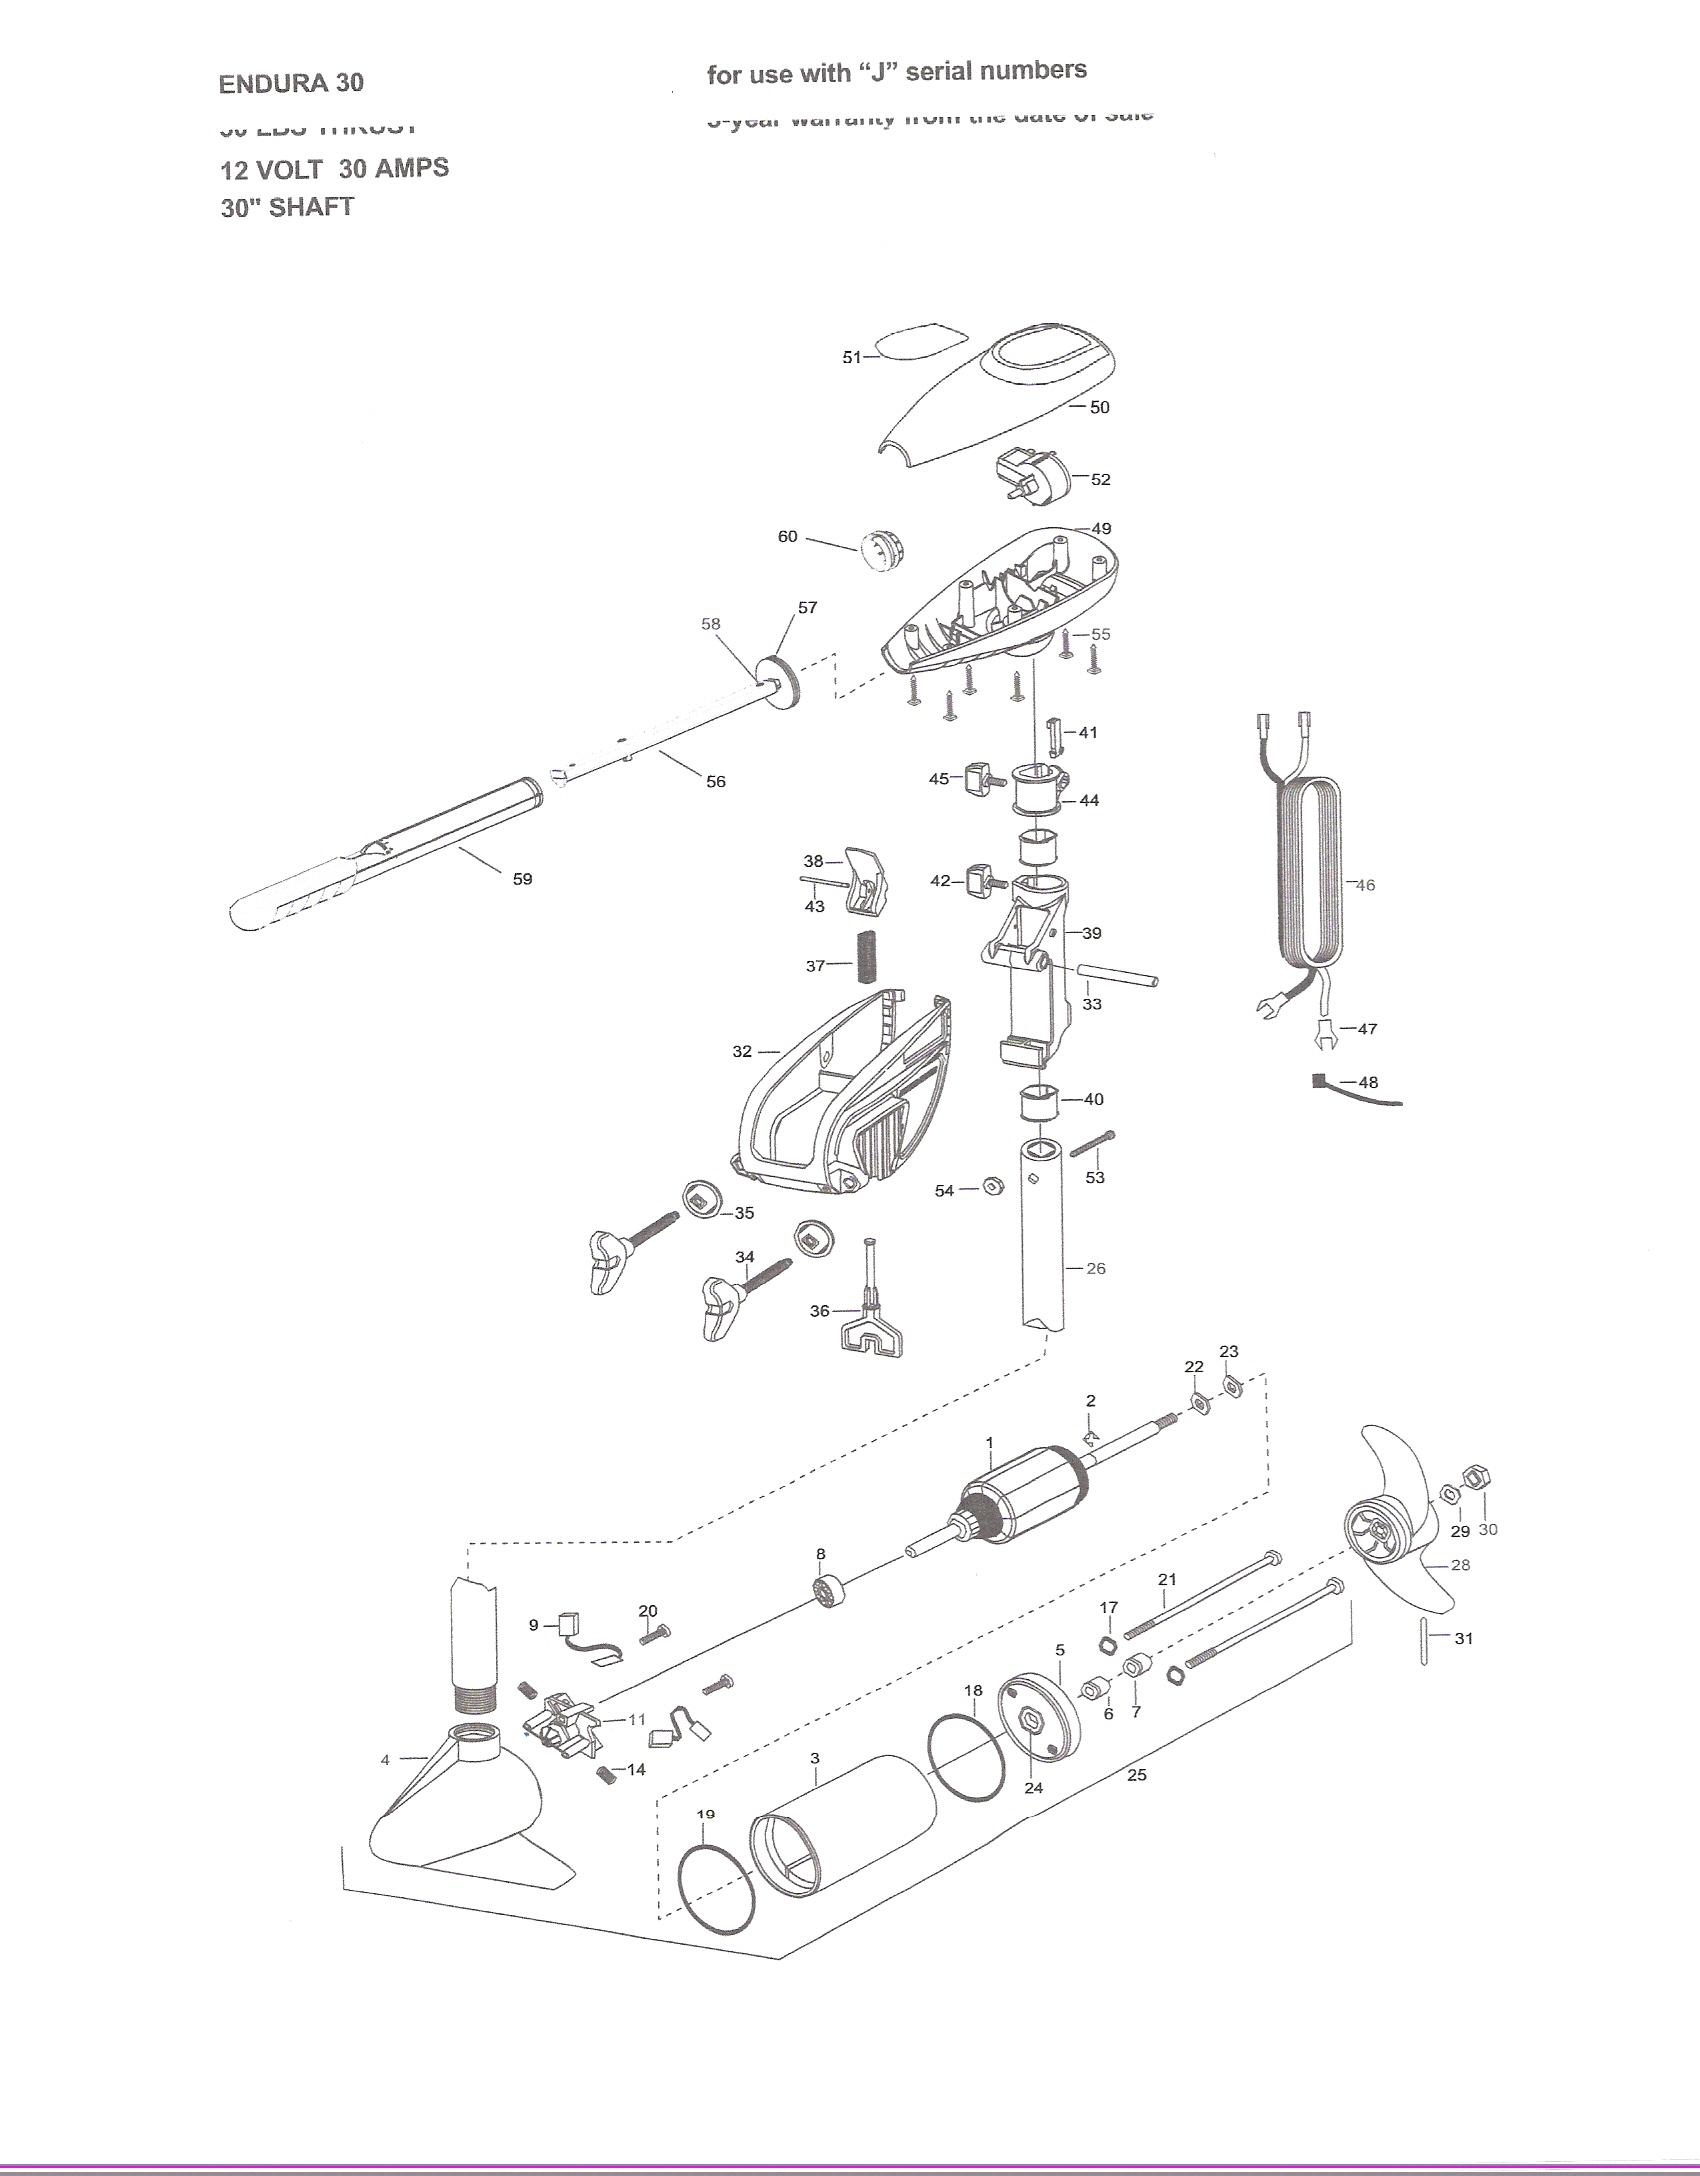 2012 02 29_122347_scan0067 minn kota parts diagram parts kota diagram minn maxxum44 \u2022 45 63 74 91  at edmiracle.co